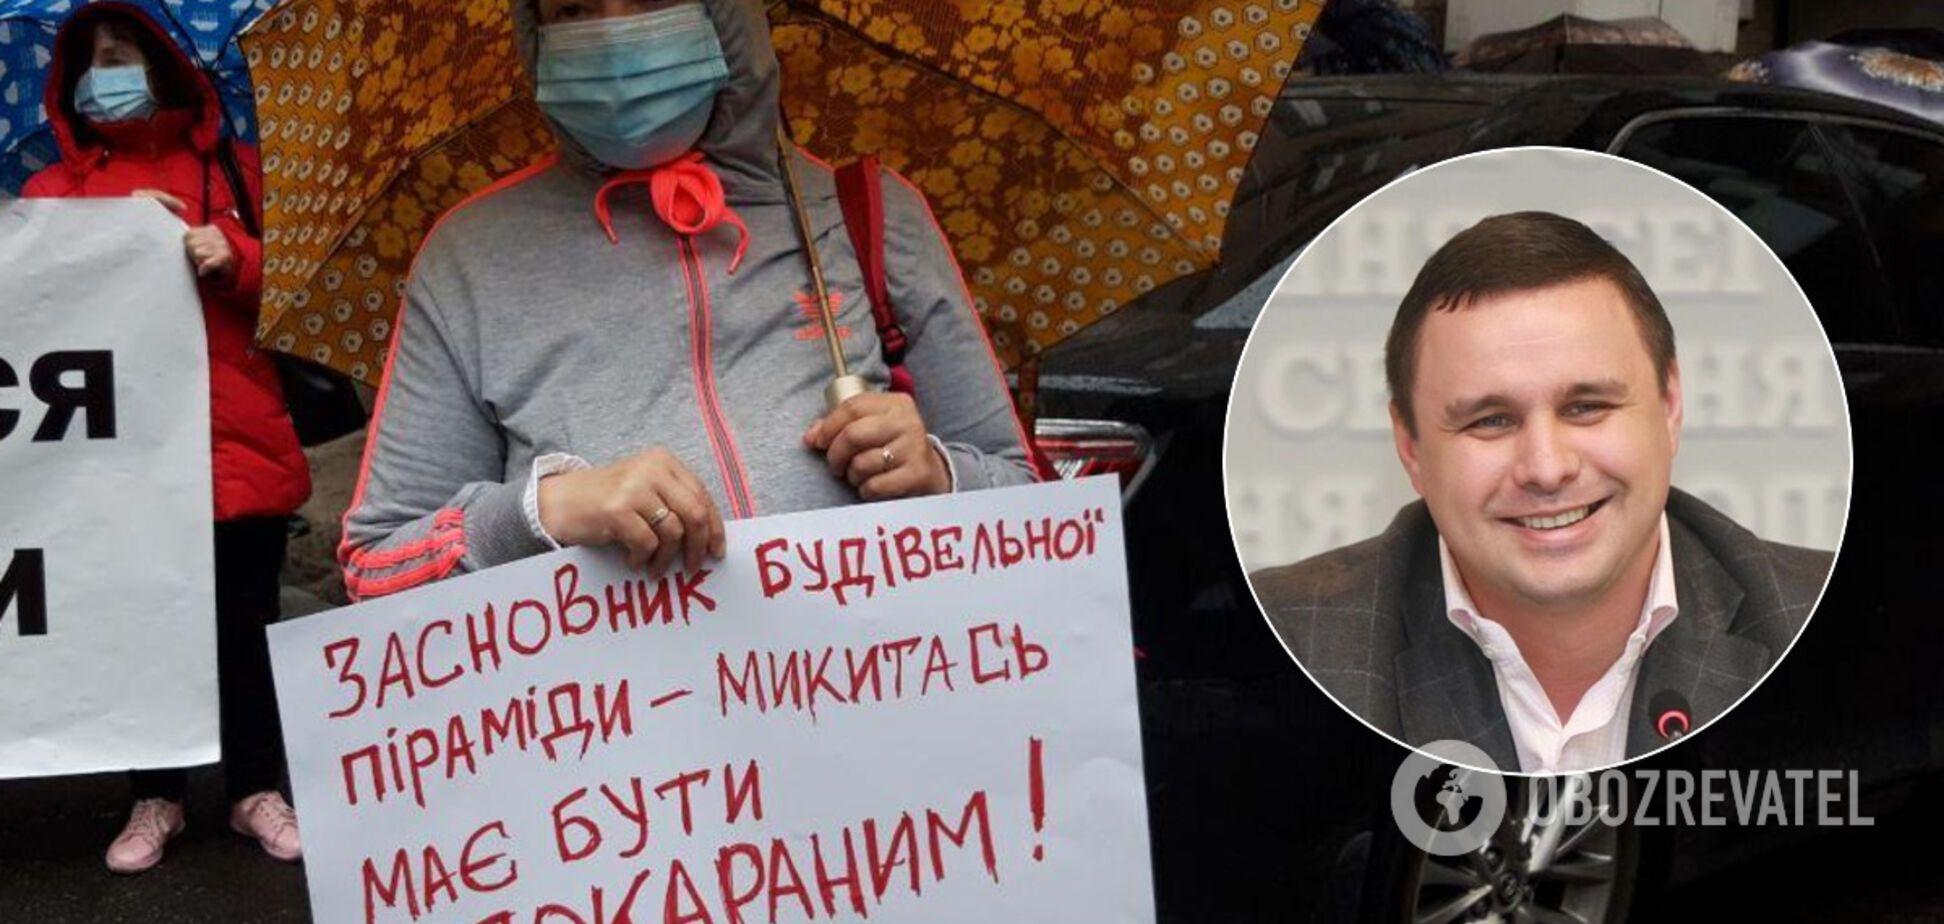 Микитася отправили под домашний арест: застройщик не заплатил залог